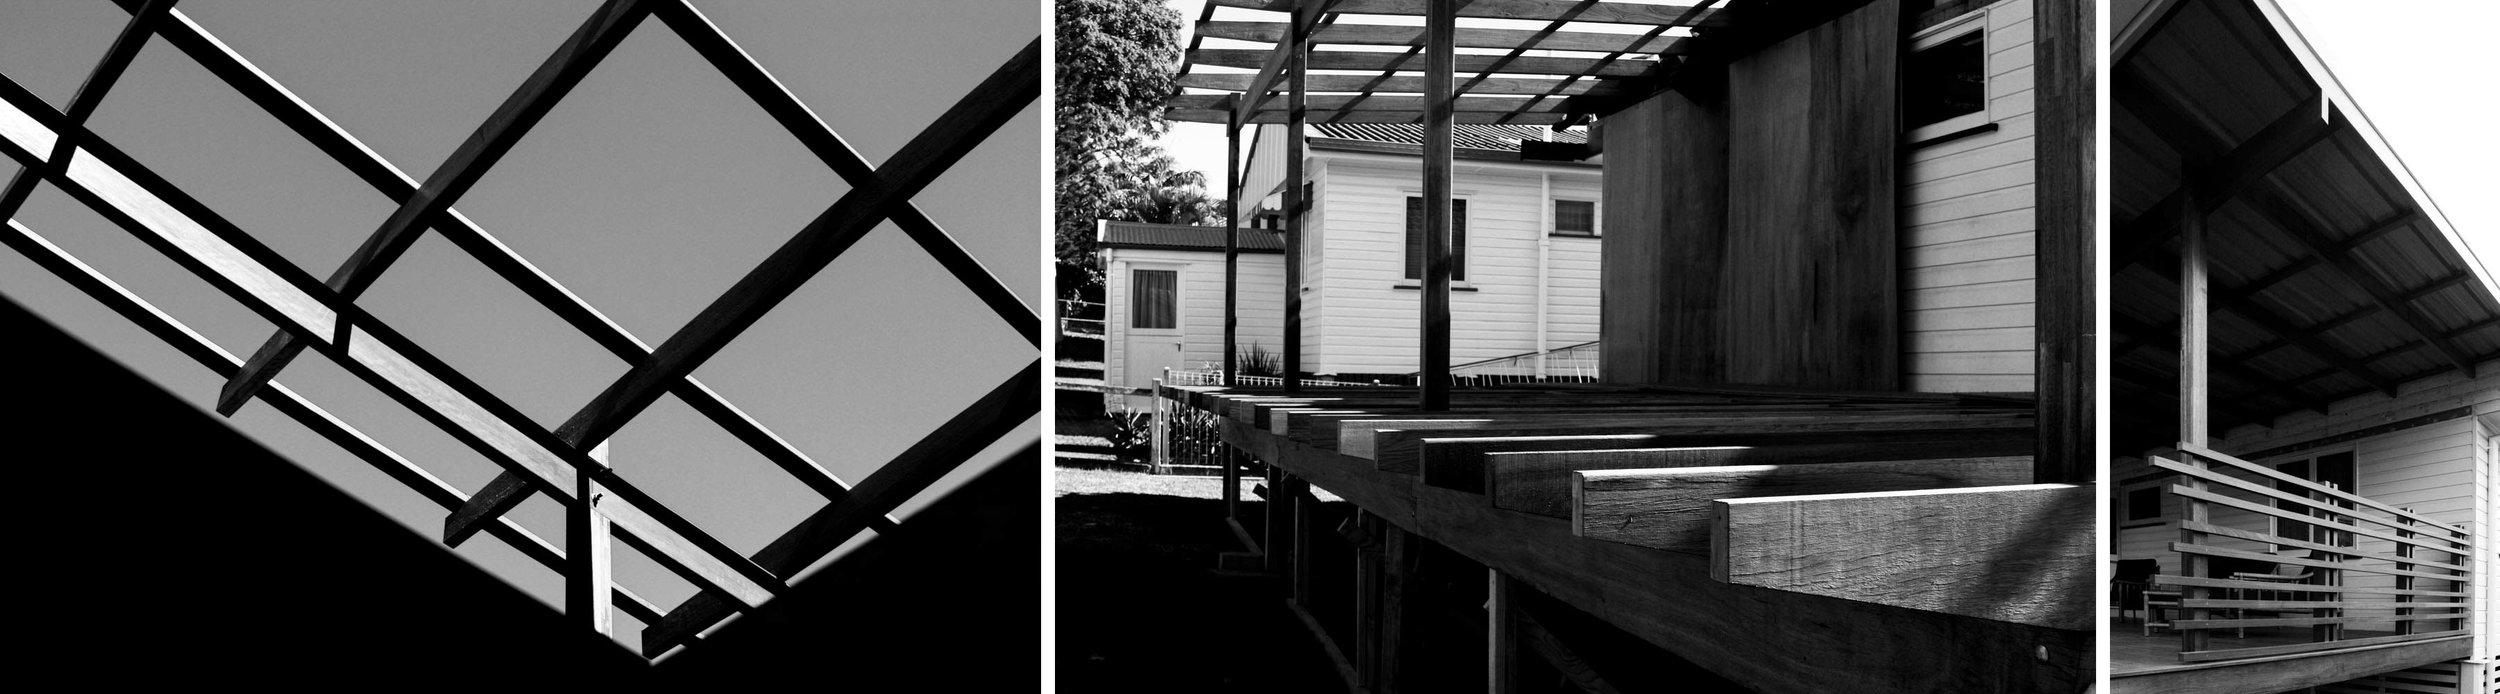 atelier-Luke_Holland-Park-House-3.jpg